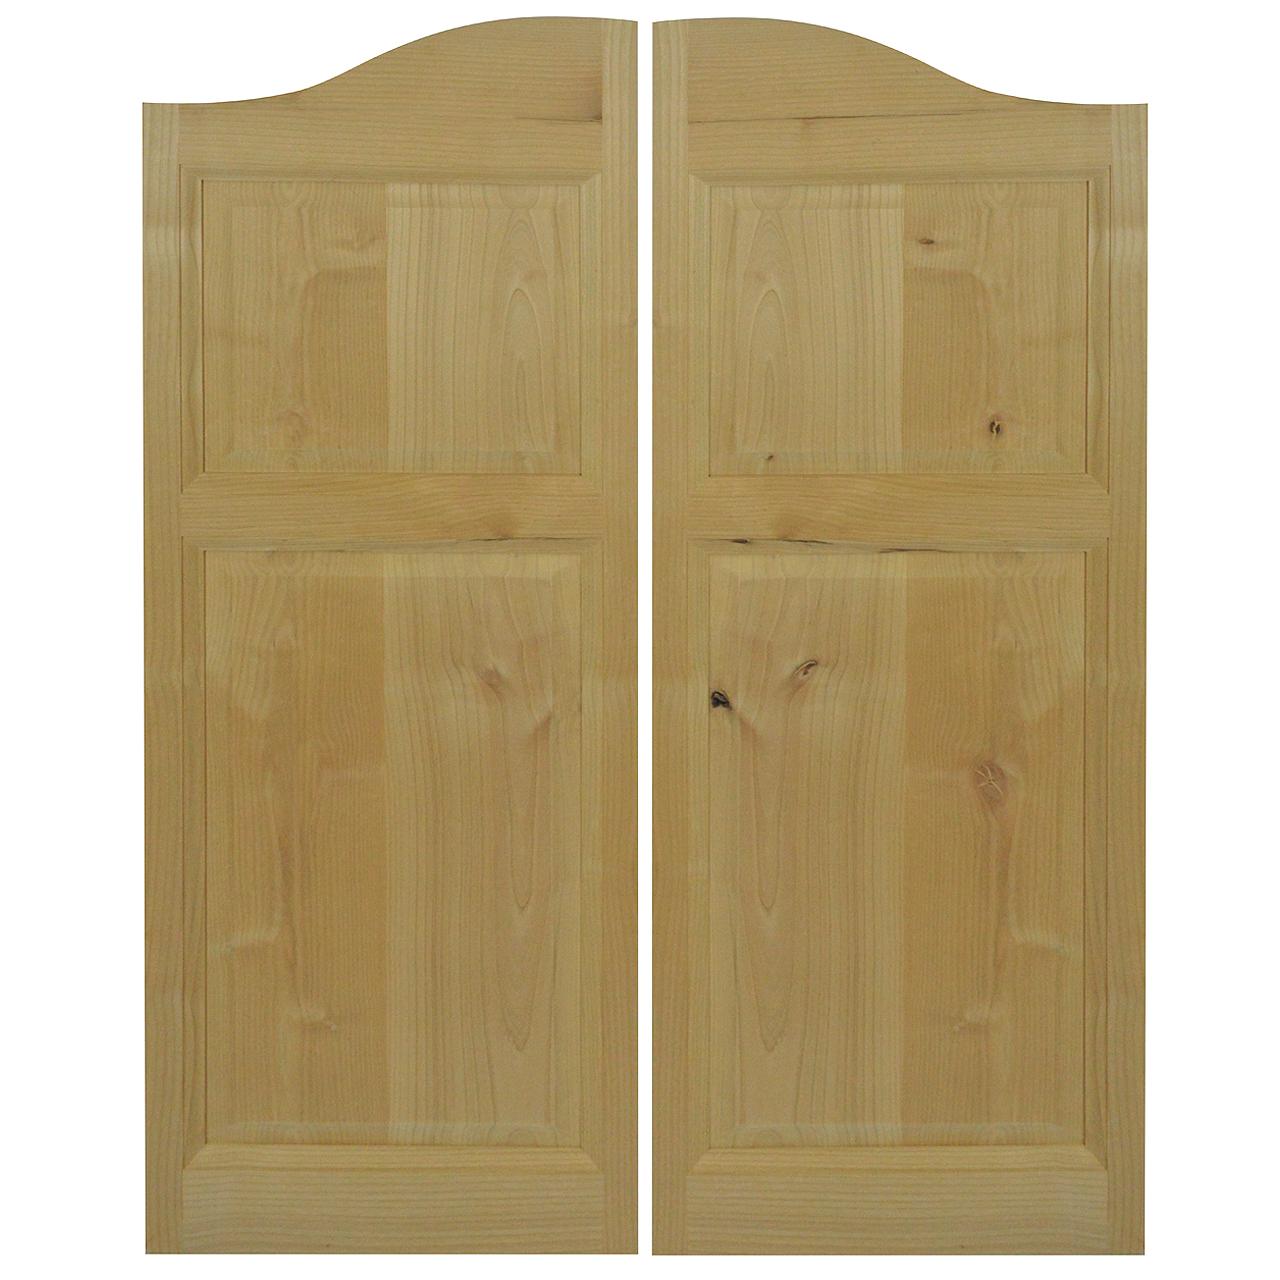 Rustic Alder Cafe Doors